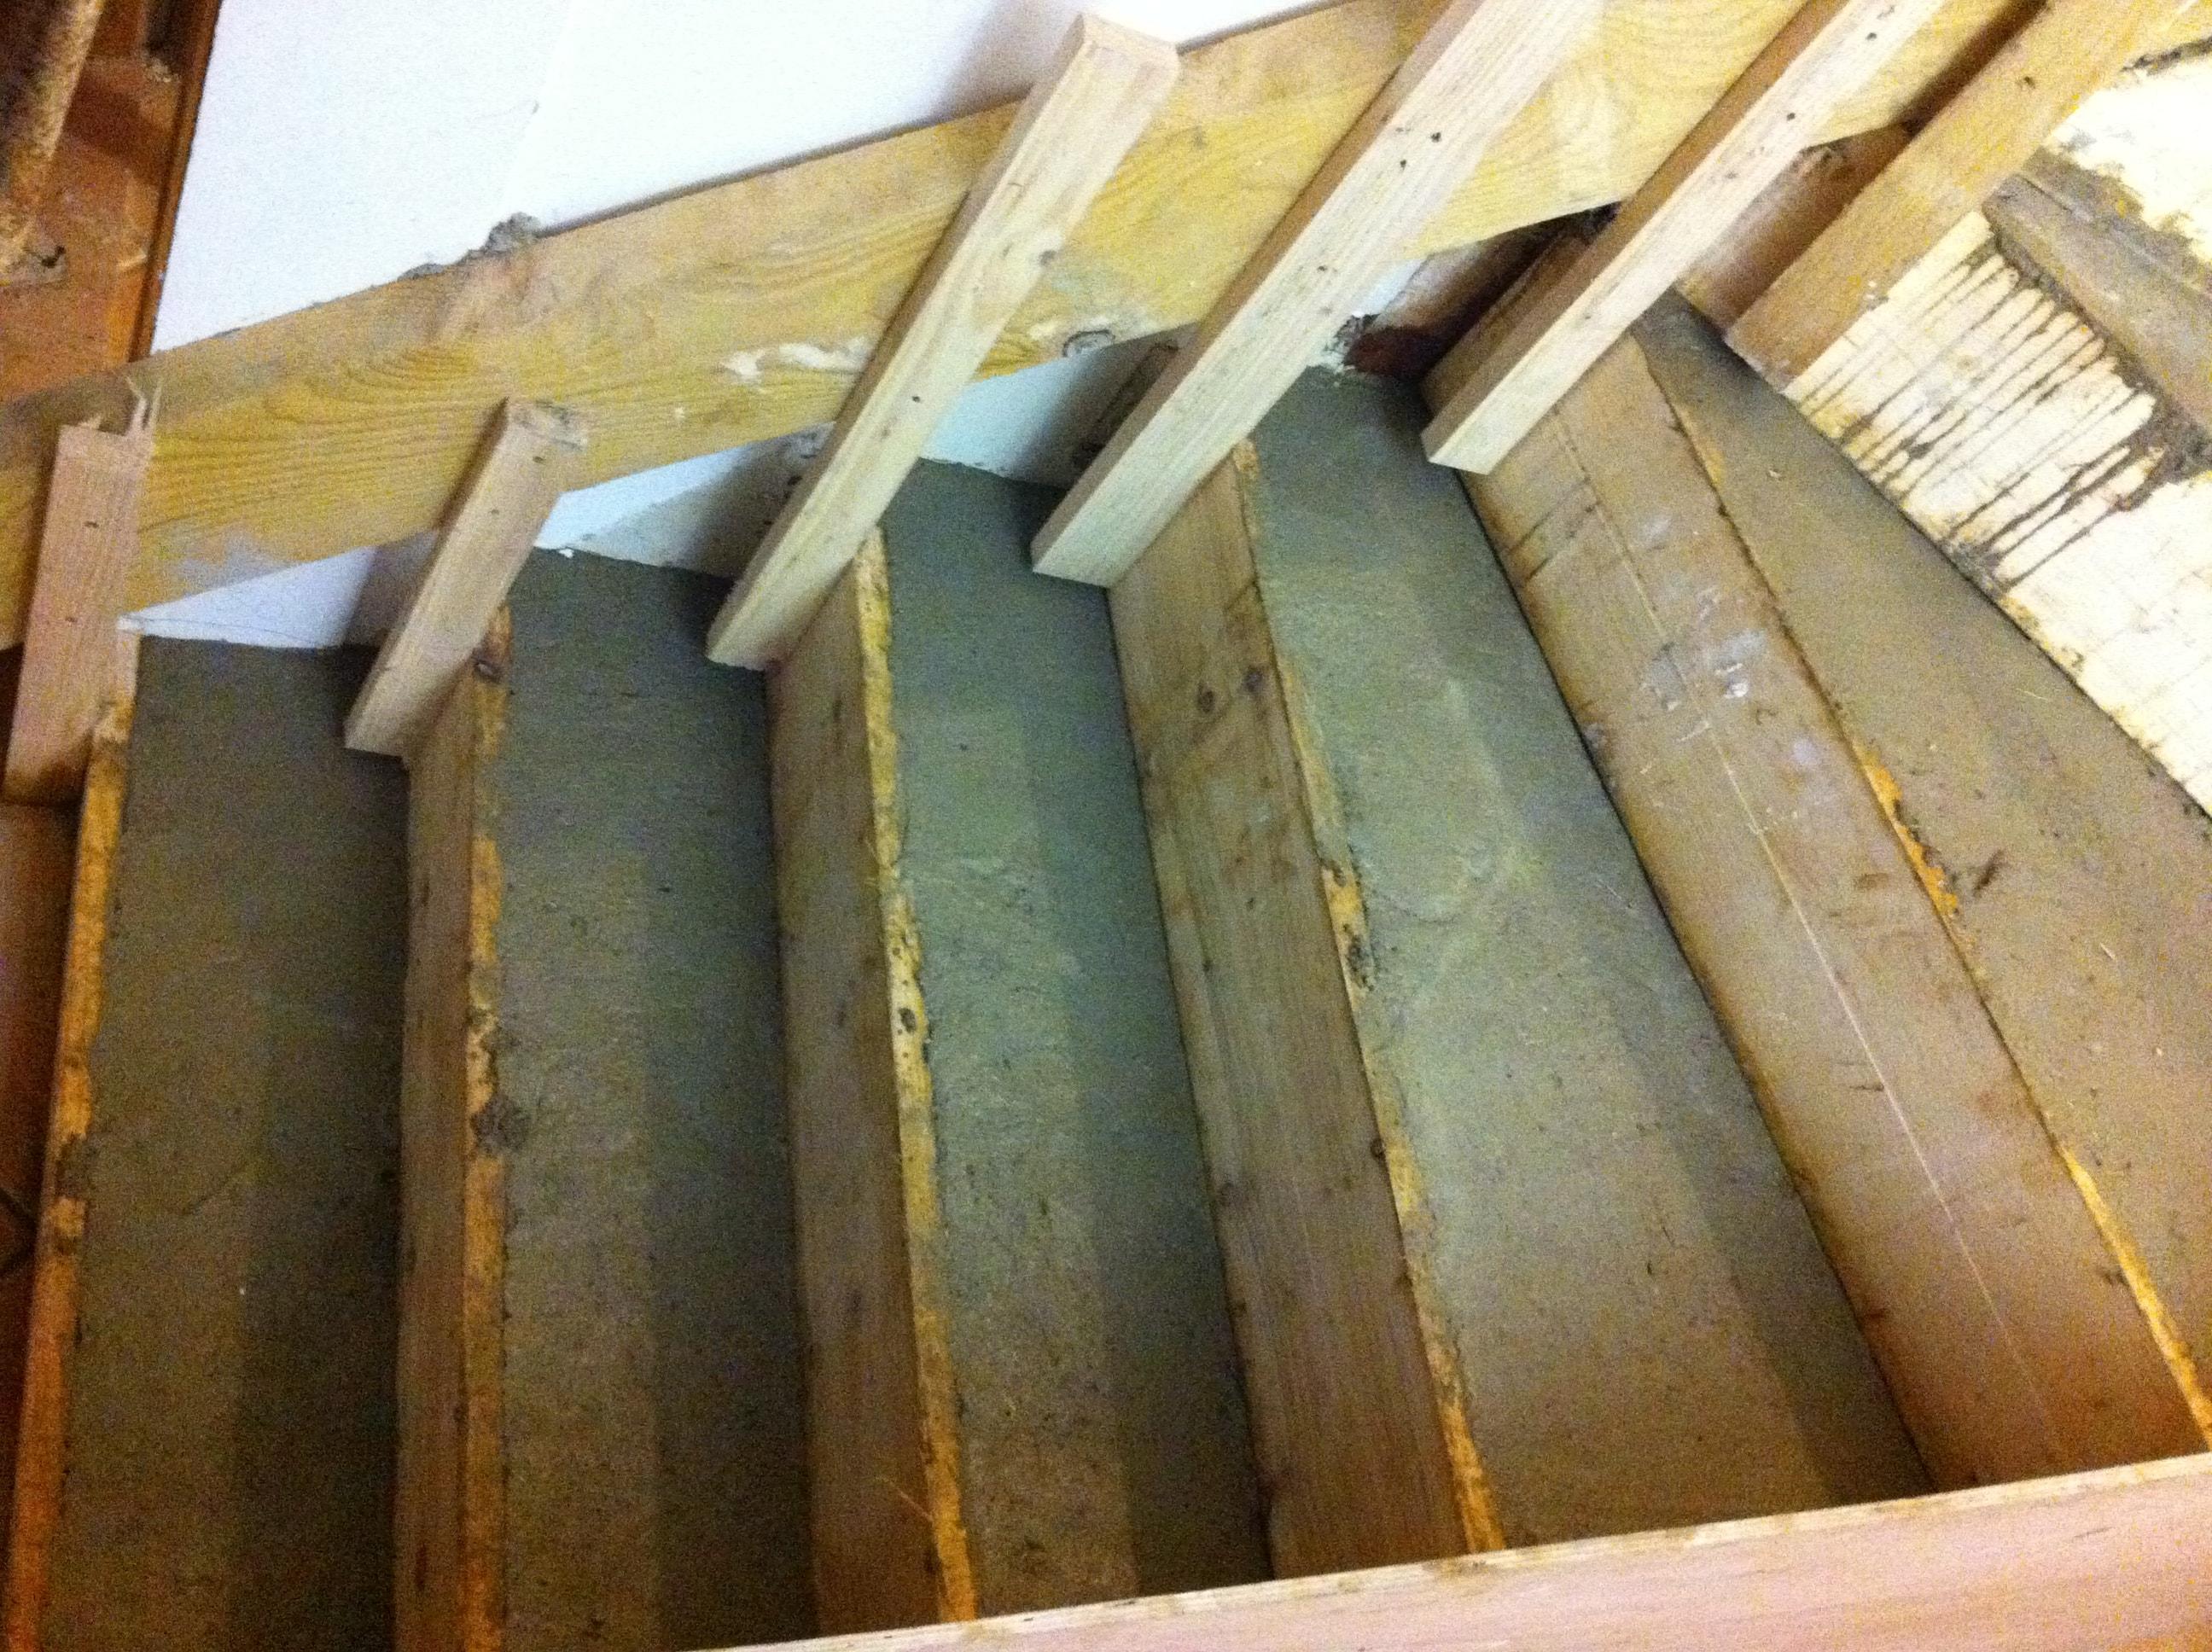 escalier-bois-10-travaux-creation-pendant-coffrage-coulage-béton-texas-batiment-min